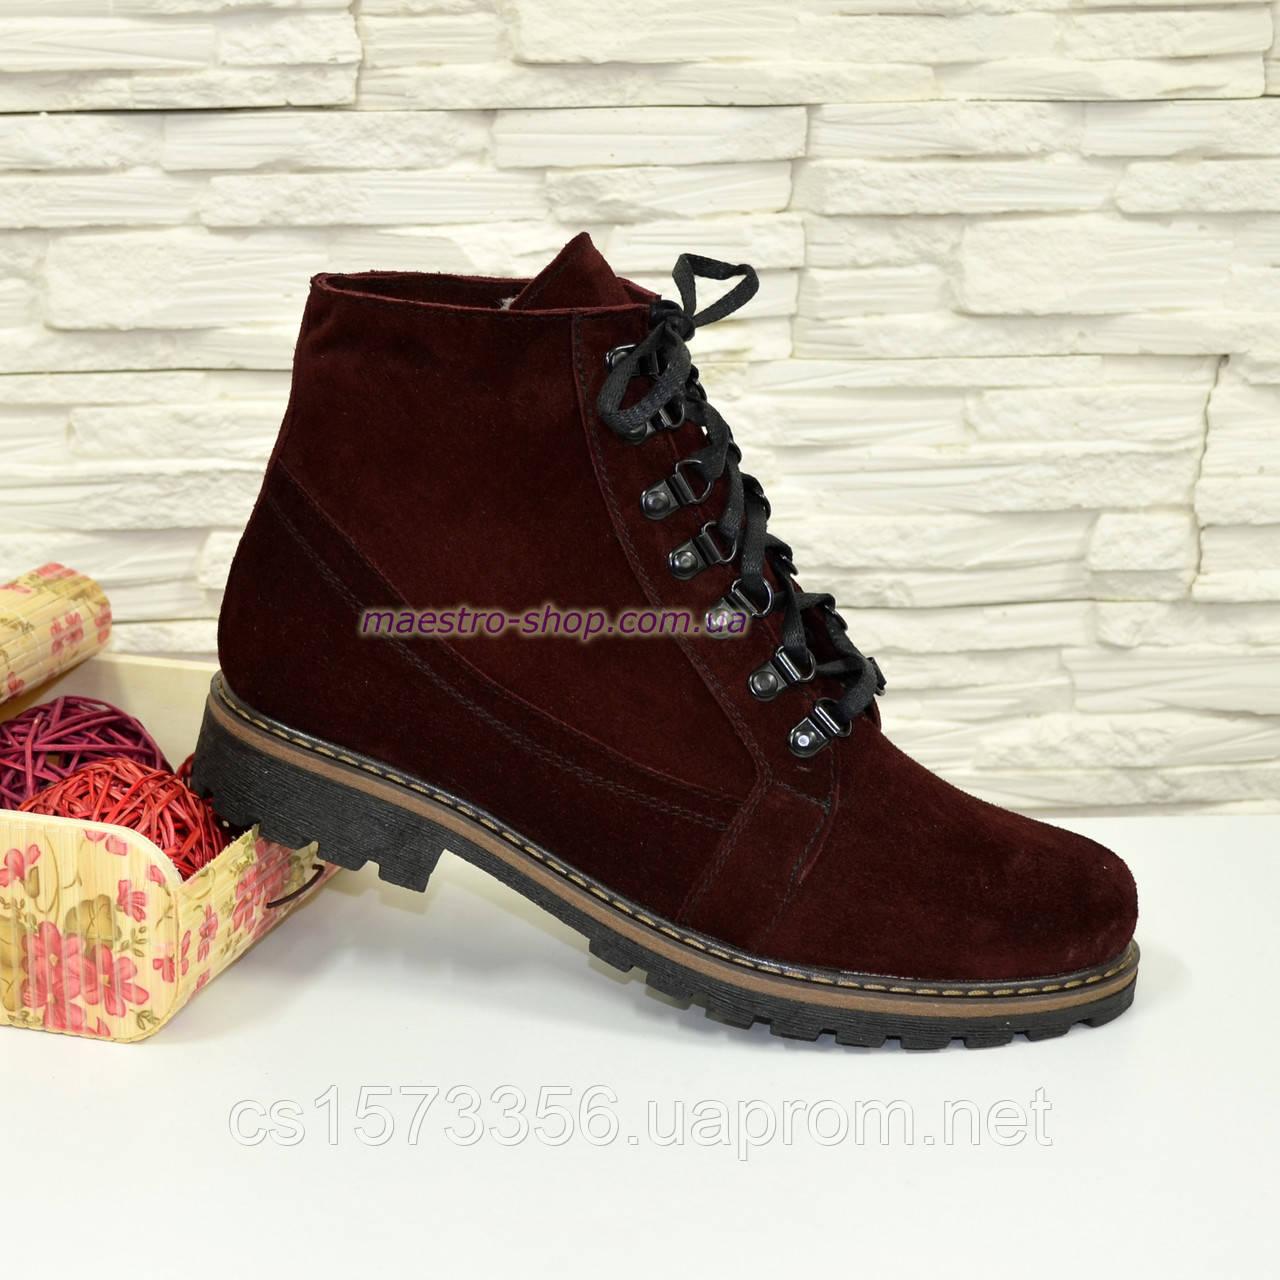 Ботинки женские зимние замшевые бордового цвета